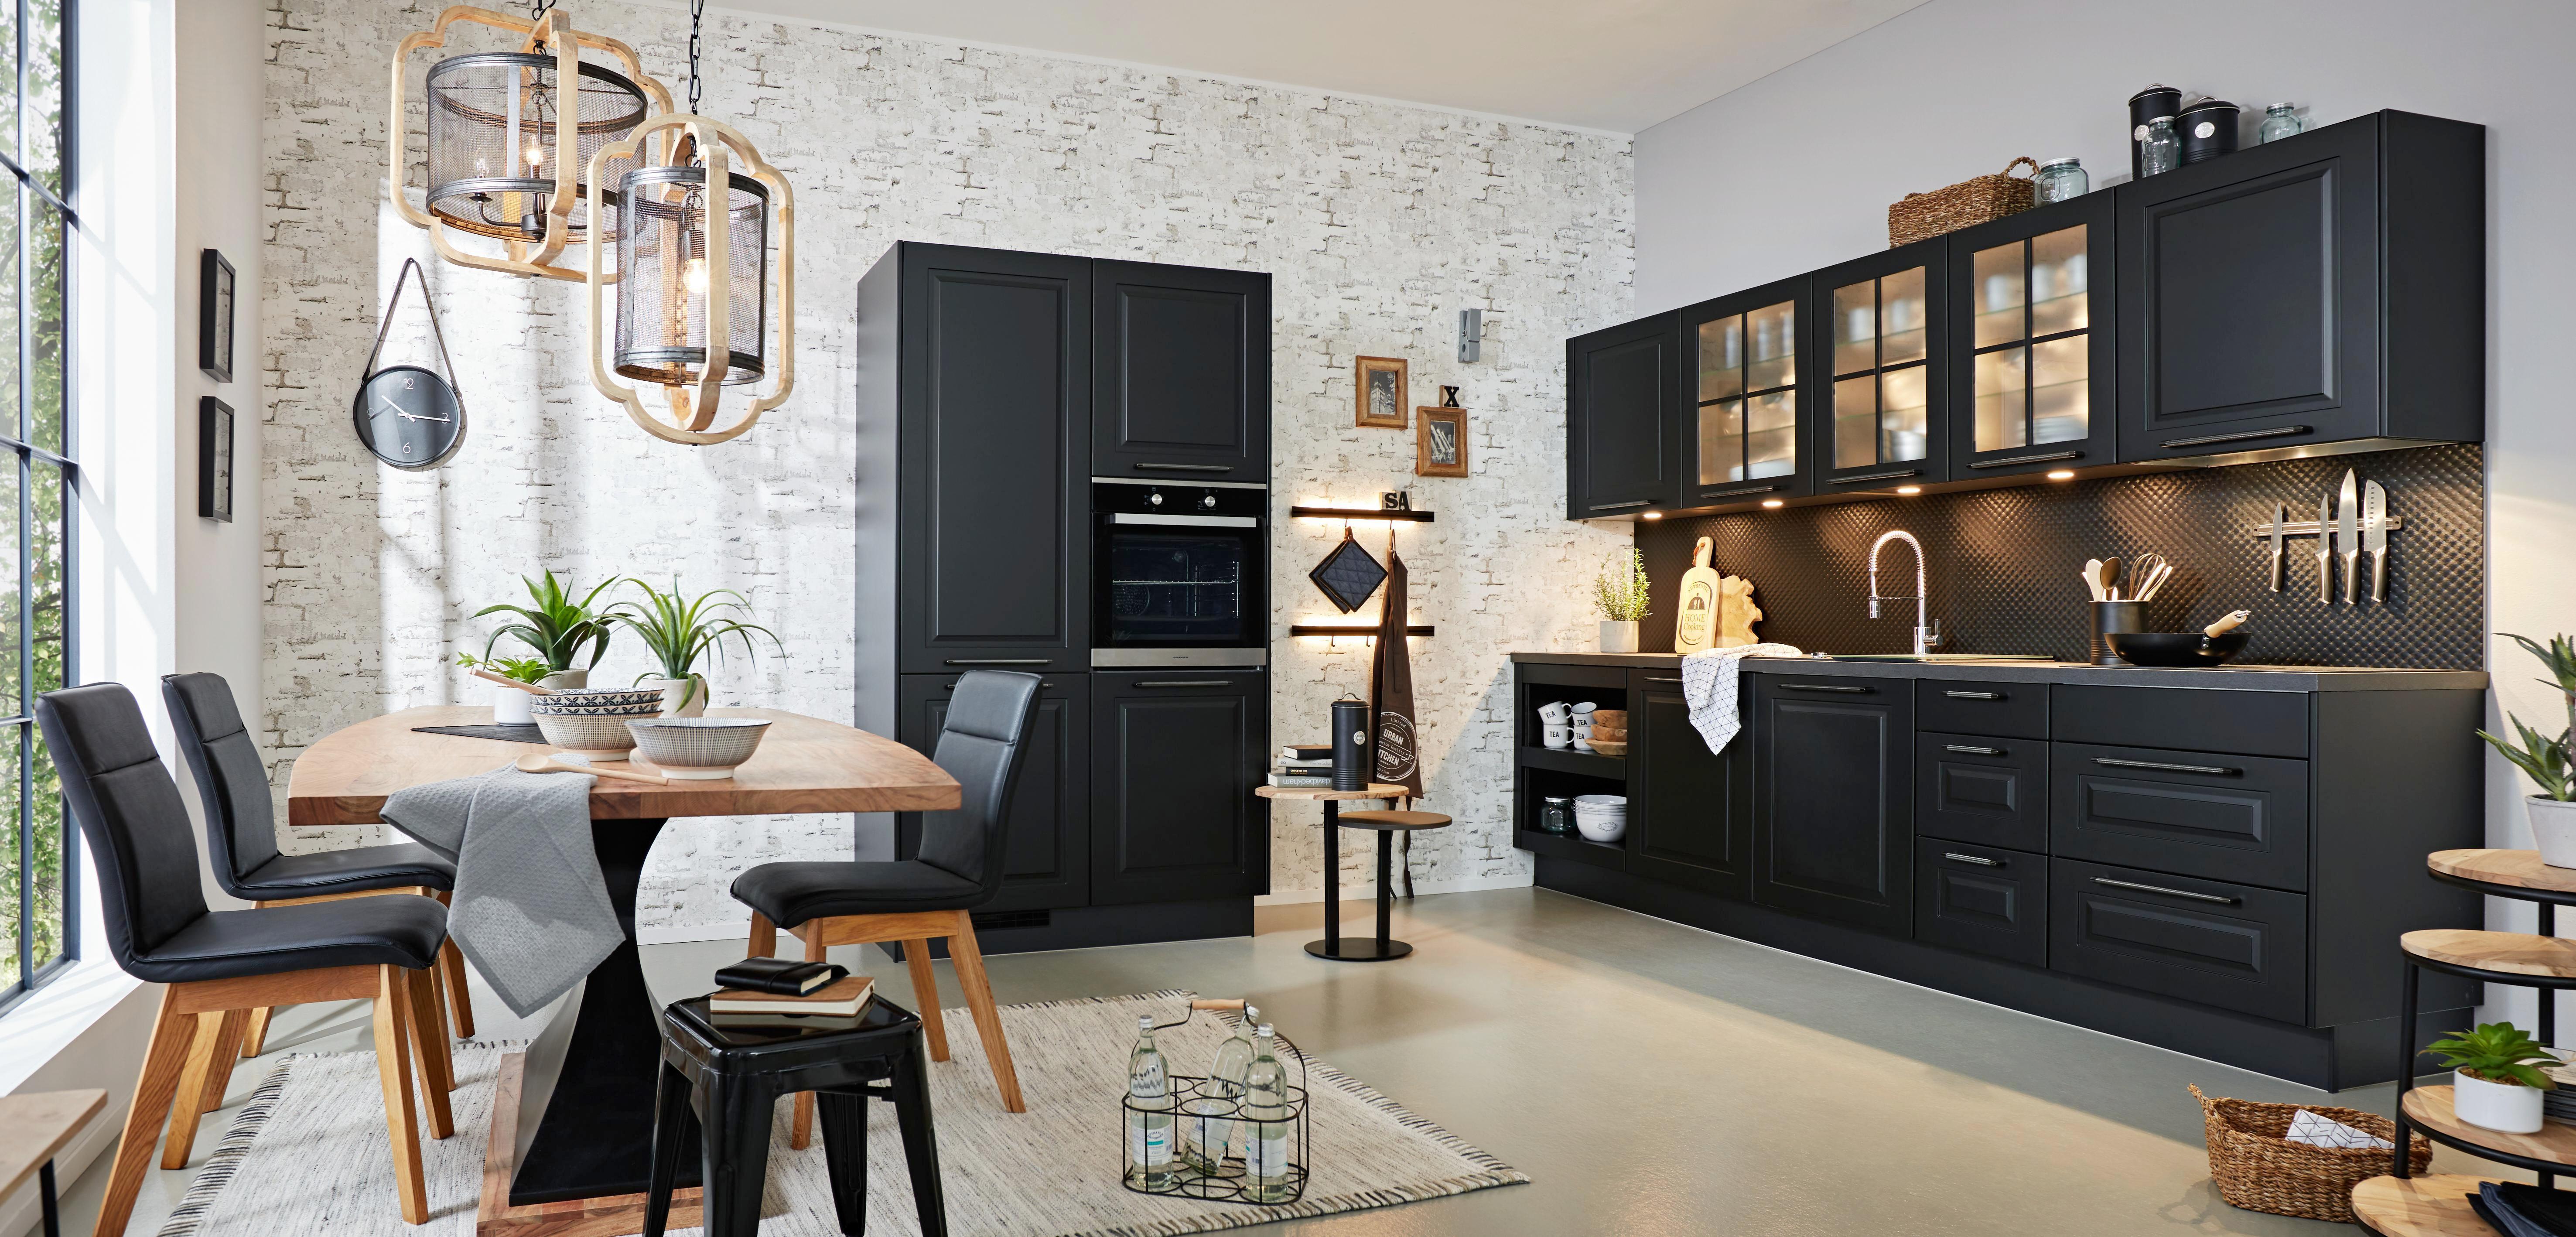 Fantastisch Kaufen Küchenschranktüren Uk Fotos - Ideen Für Die Küche ...